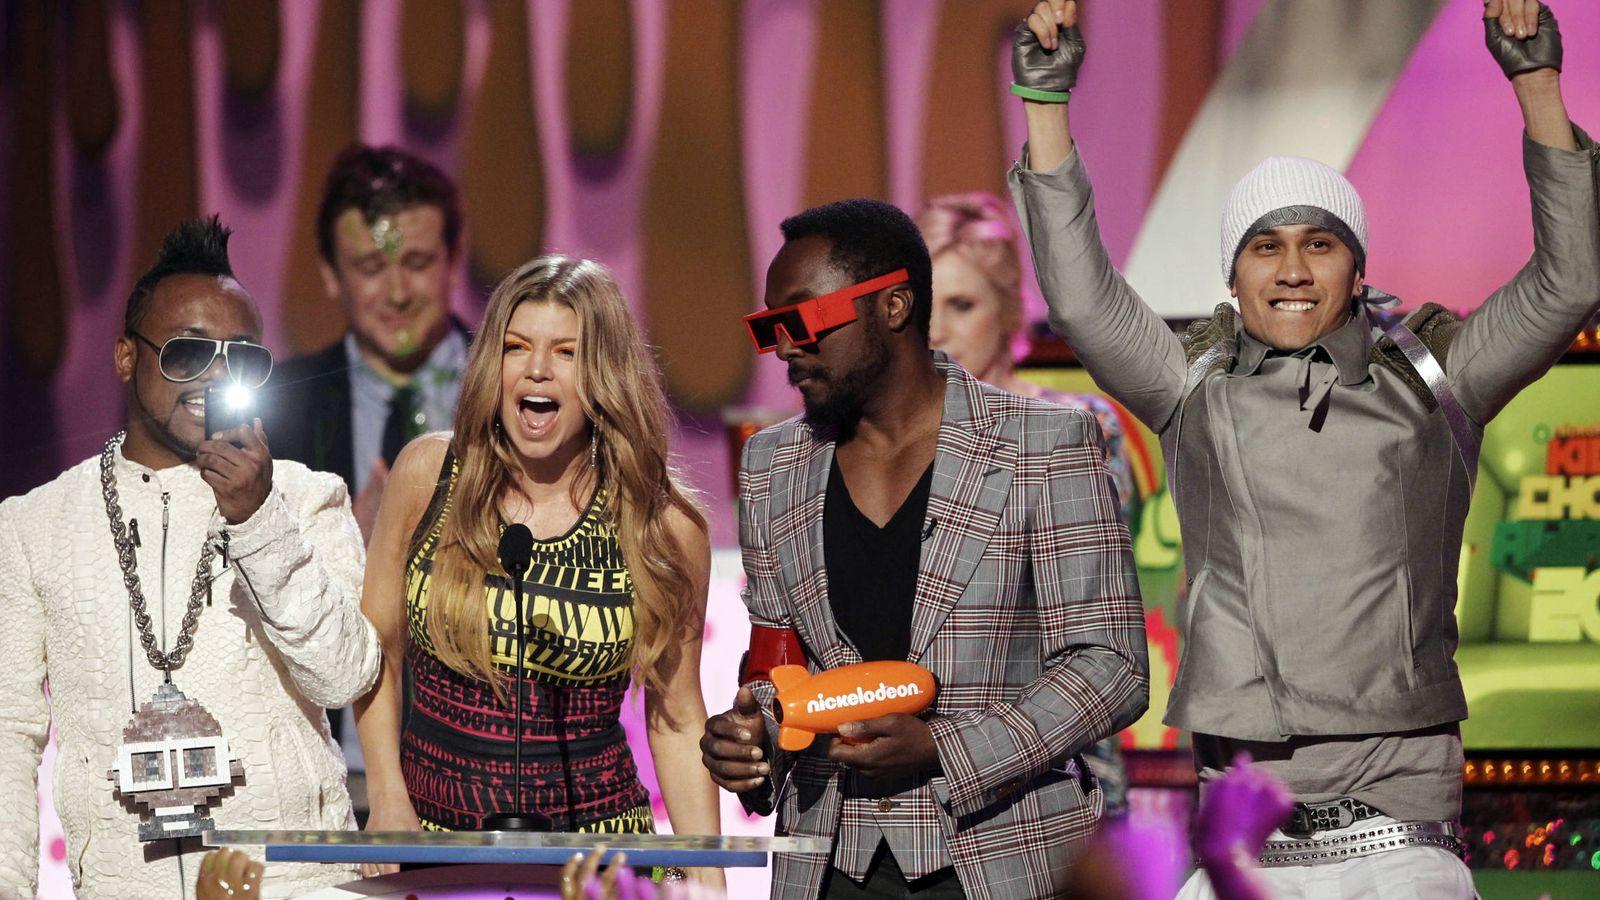 Foto: El grupo Black Eyed Peas en una imagen de archivo. (Gtres)